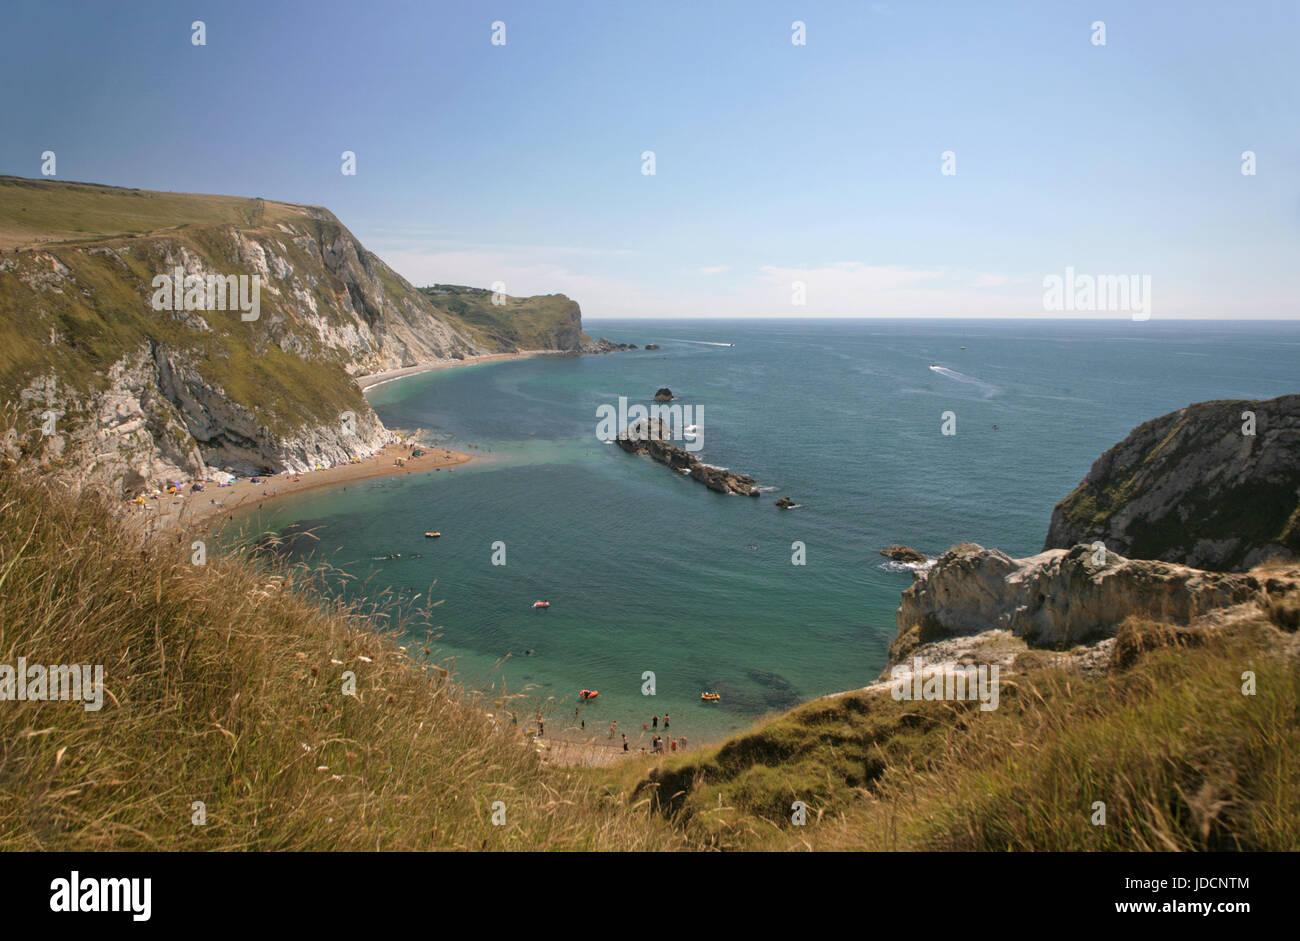 Man o' War Bay, cerca de la puerta de Durdle, y la vista hacia el este a lo largo de la Costa Jurásica, en Dorset, Reino Unido Foto de stock